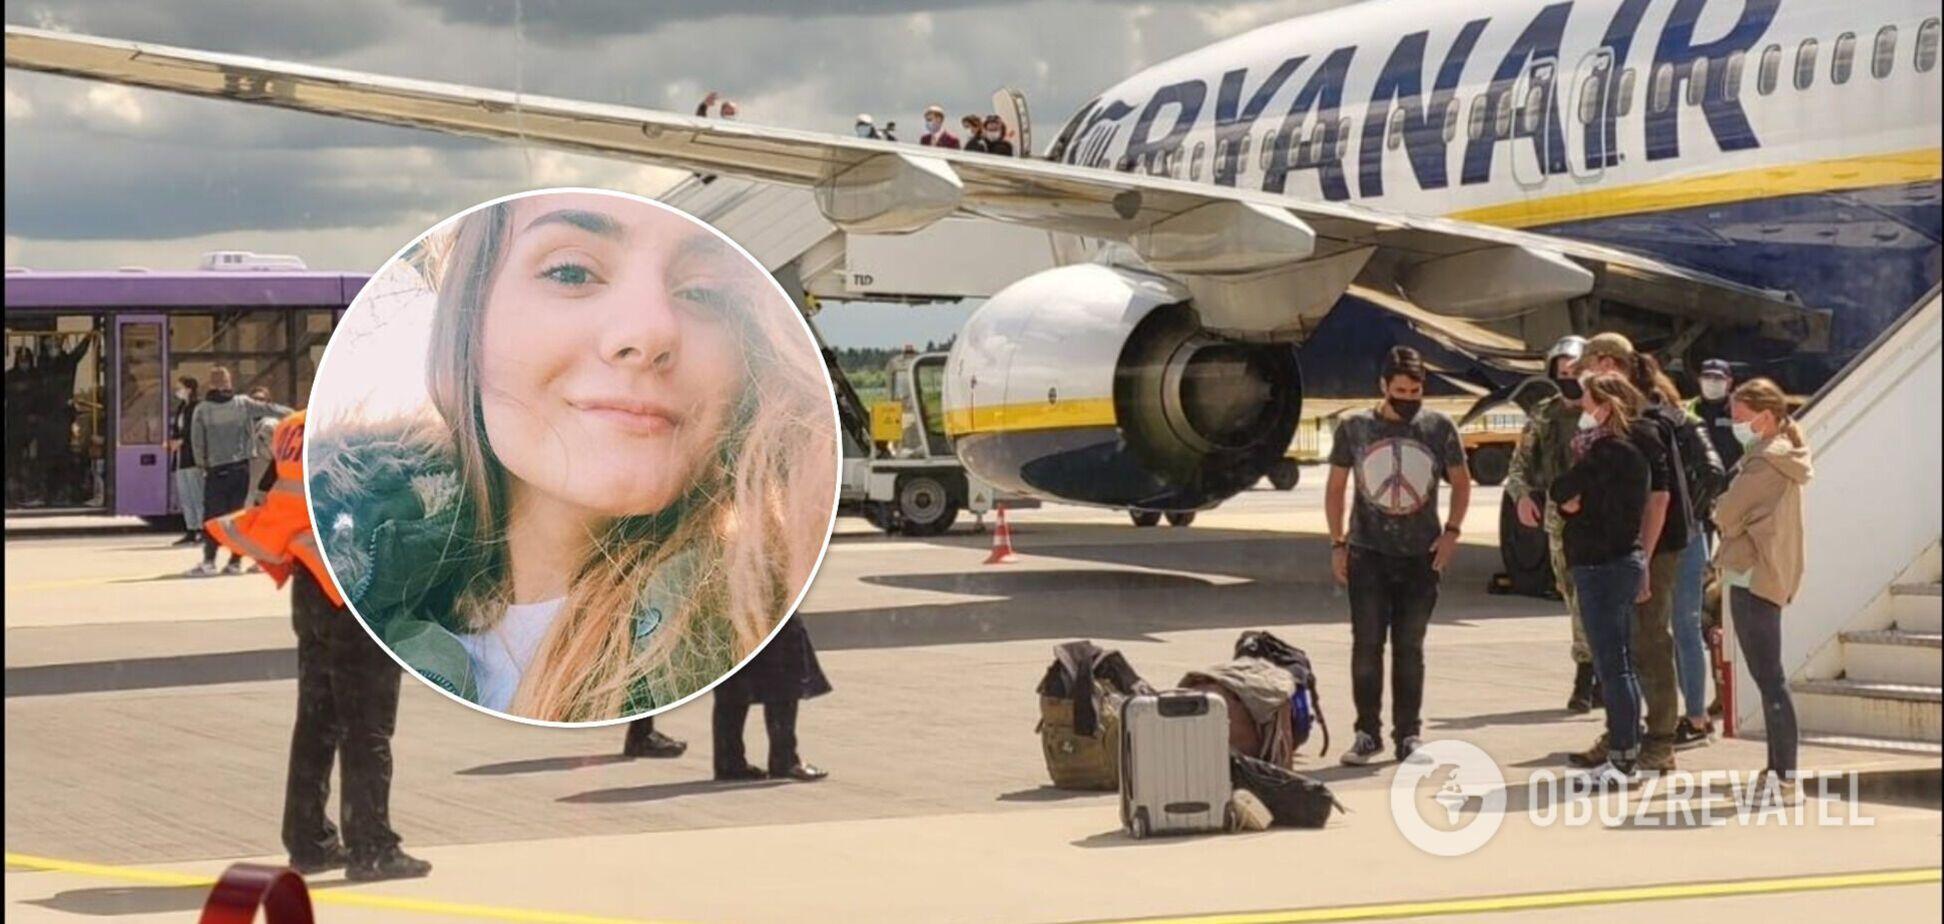 У МЗС РФ пояснили, за які злочини затримана в Білорусі дівчина Протасевича